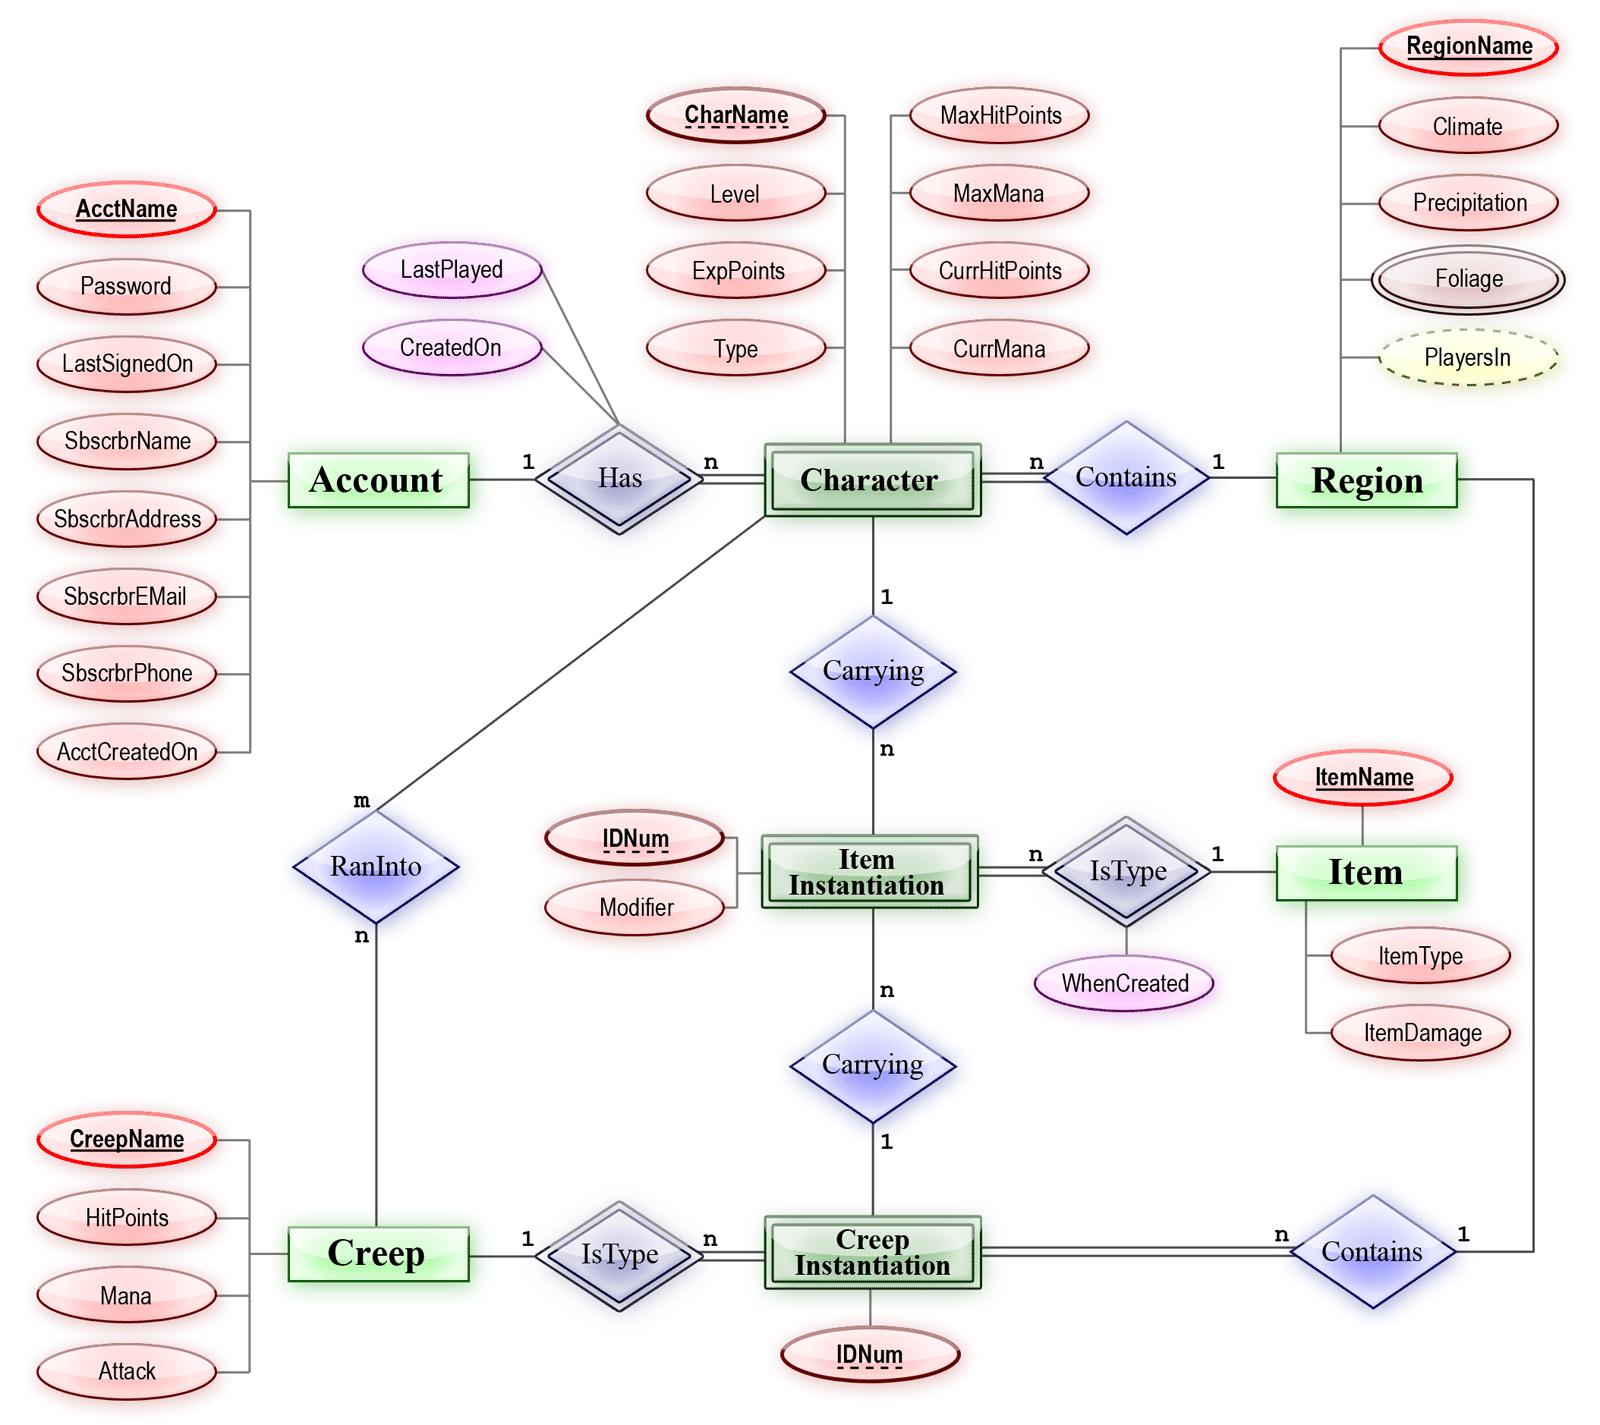 طريقة الكيانات والعلاقات ويكيبيديا